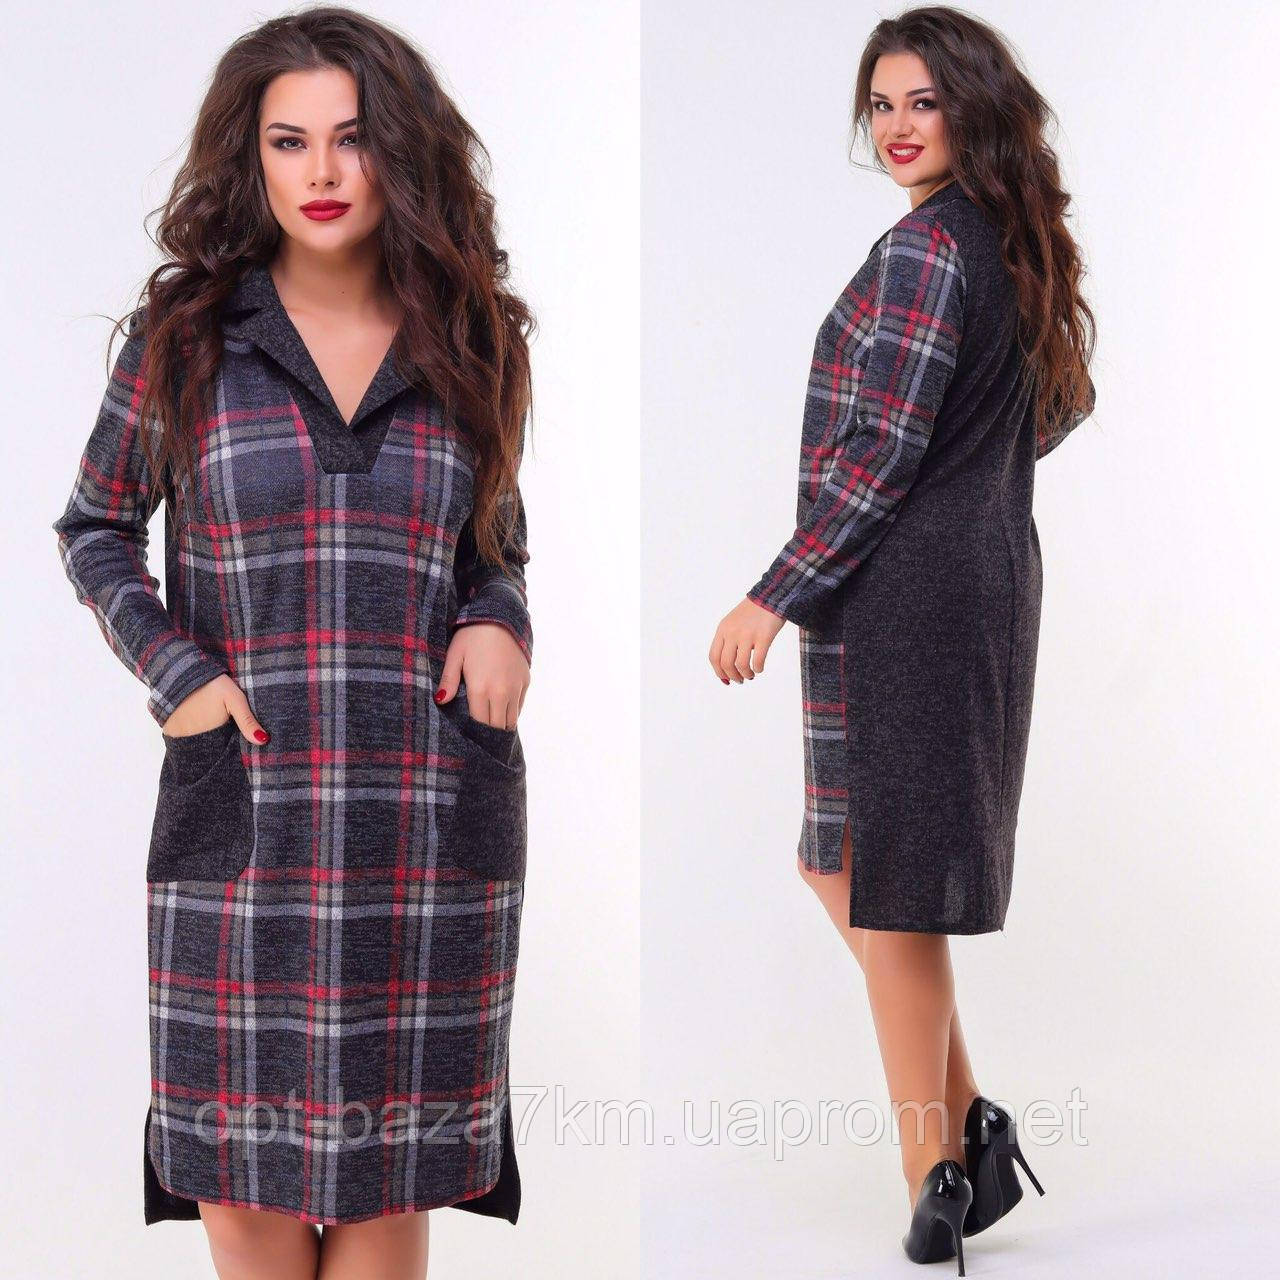 4f5f0d8f5b0 Женские платья больших размеров